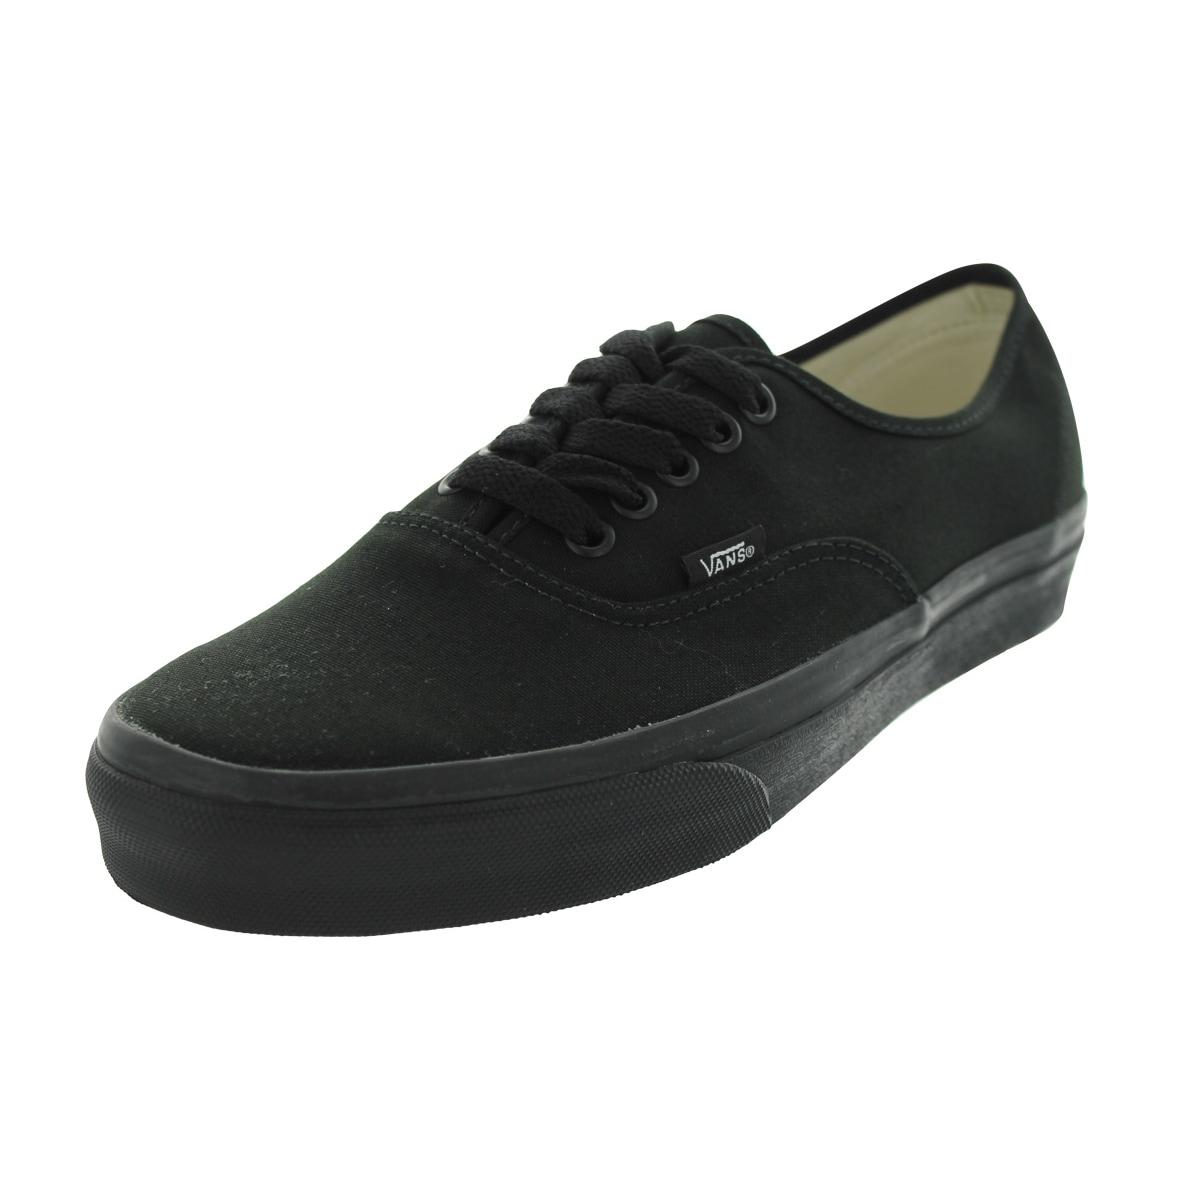 8d64591727 Vans Shoes